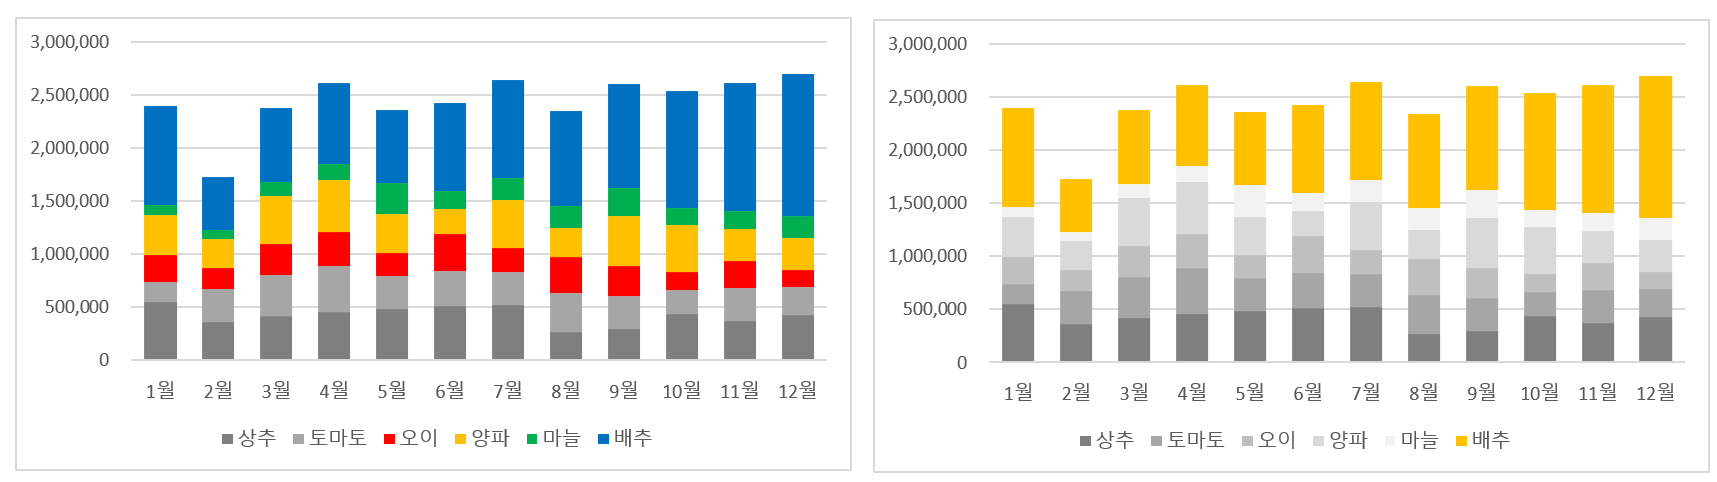 2-5 엑셀 차트 여러개 강조색